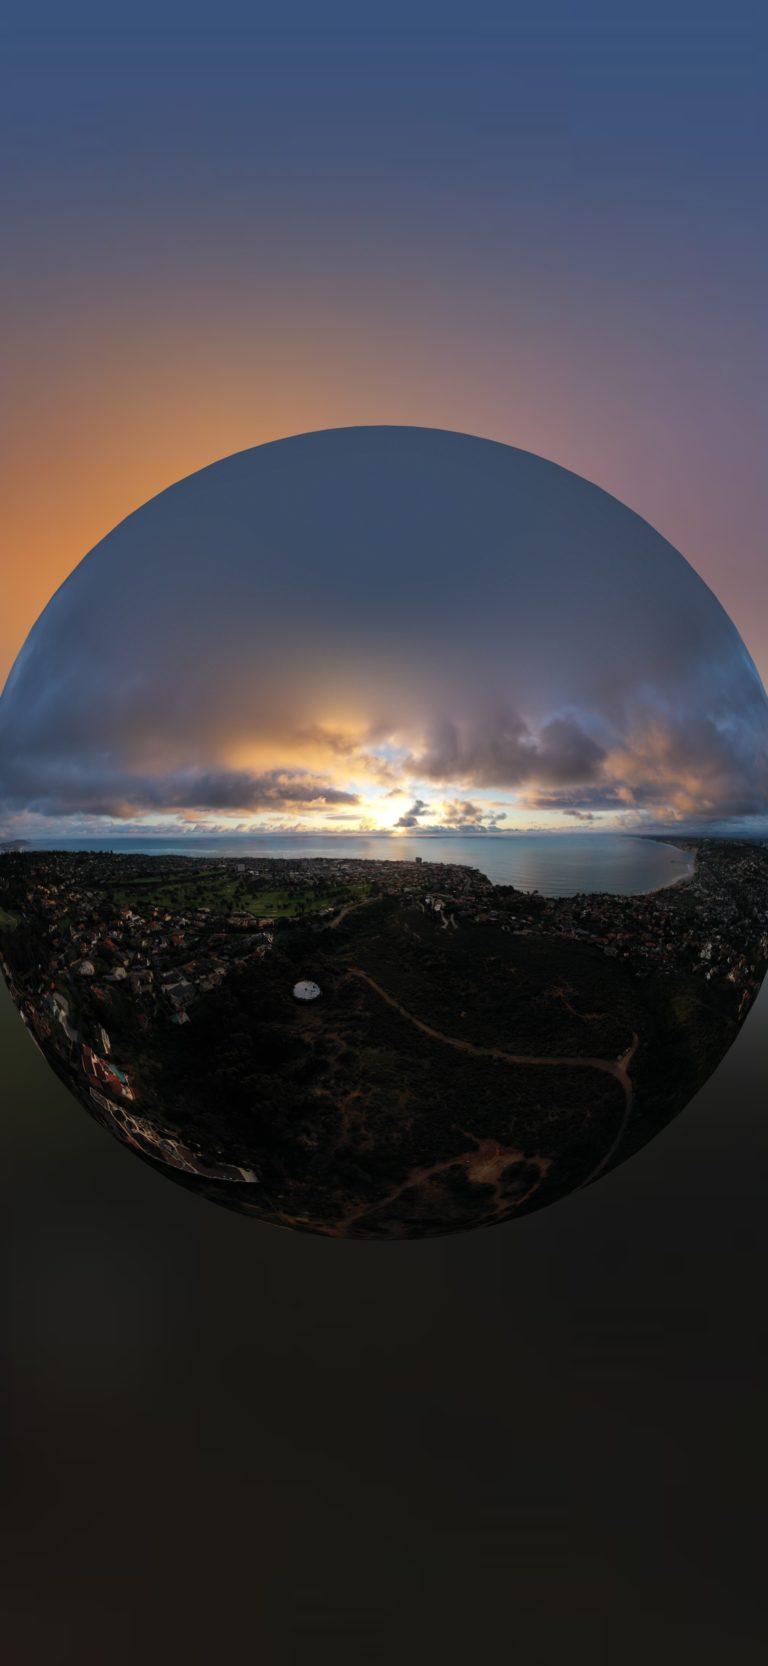 «Mirror Ball» La Jolla, California 🇺🇸